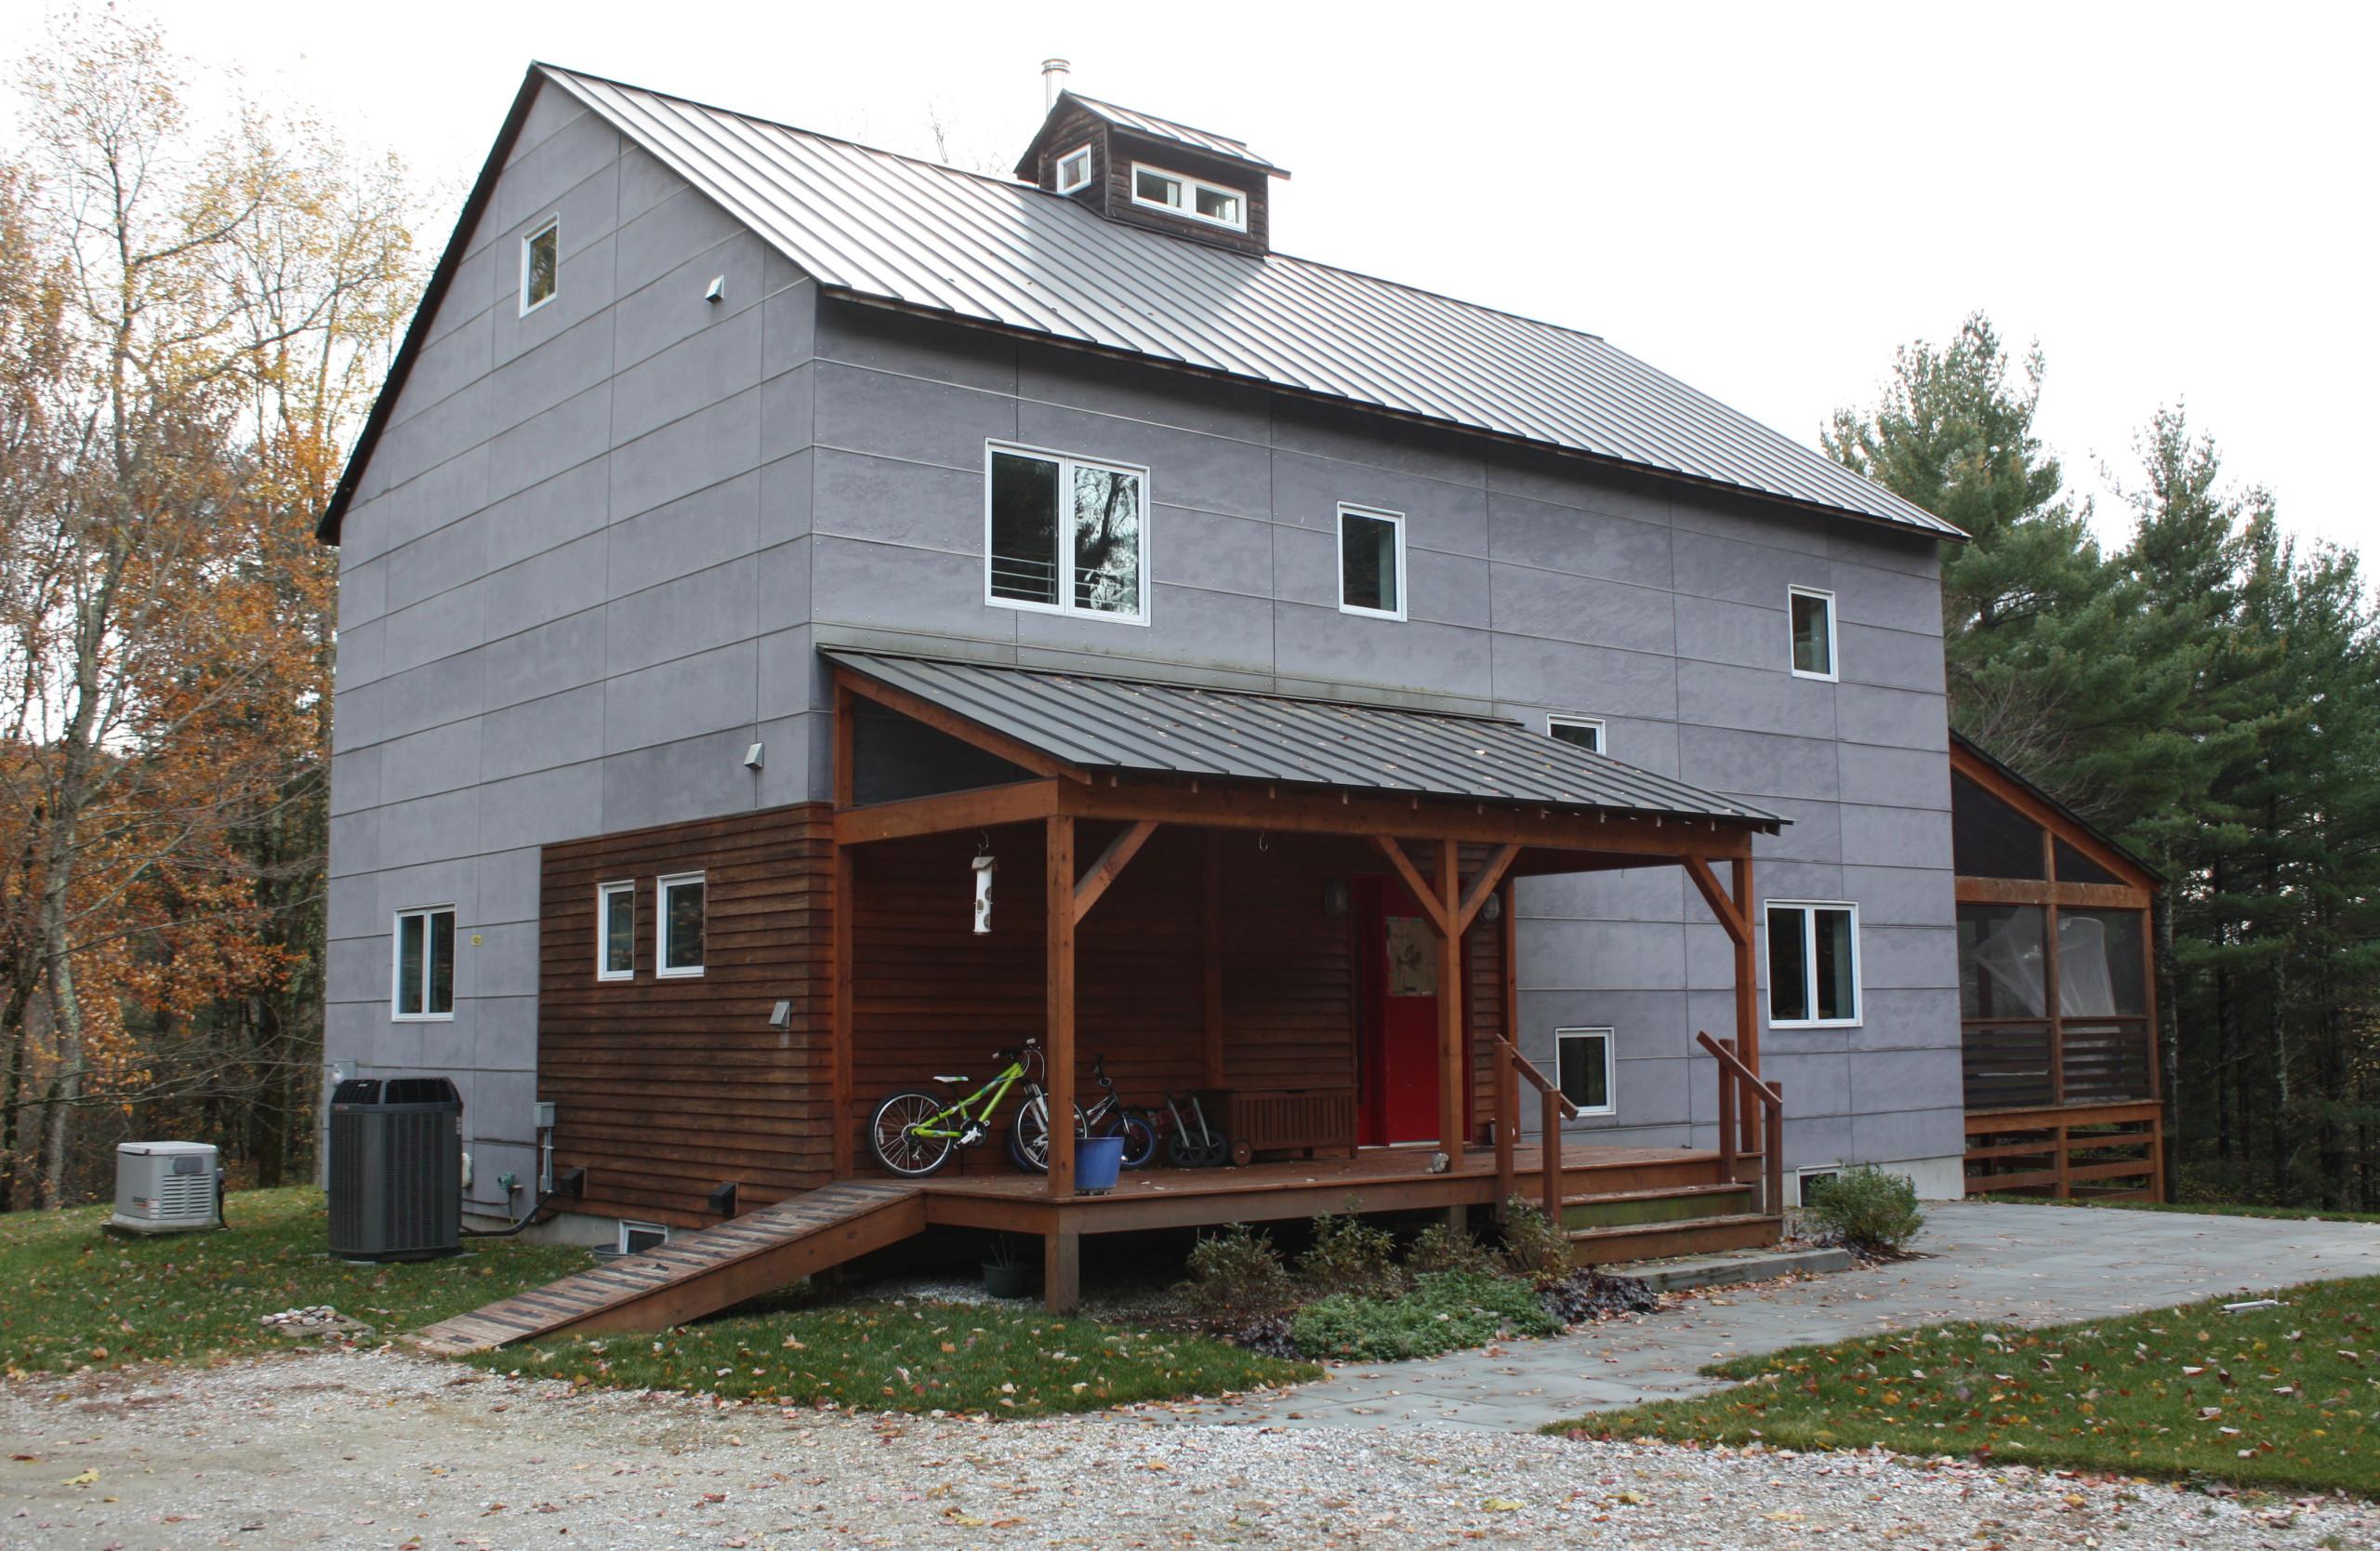 Bento Box Barn